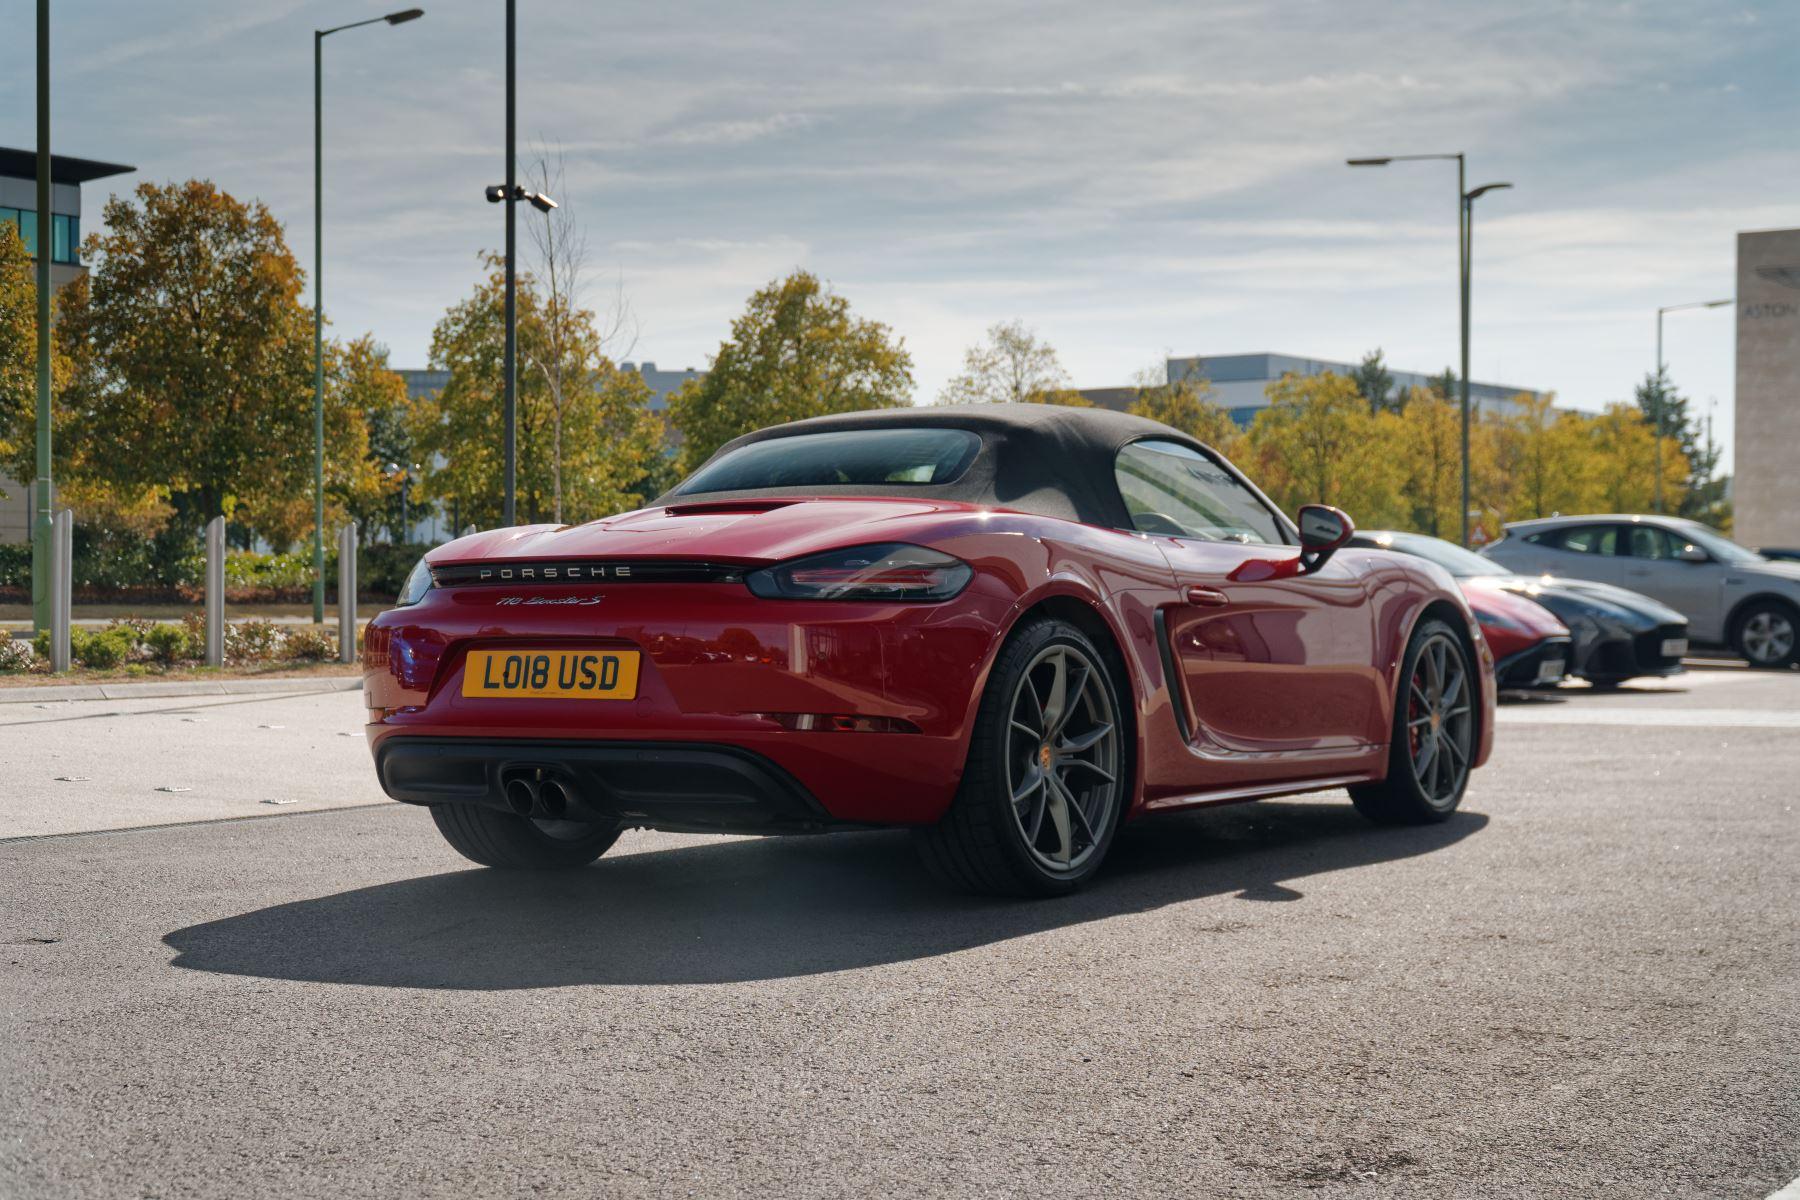 Porsche Boxster S image 7